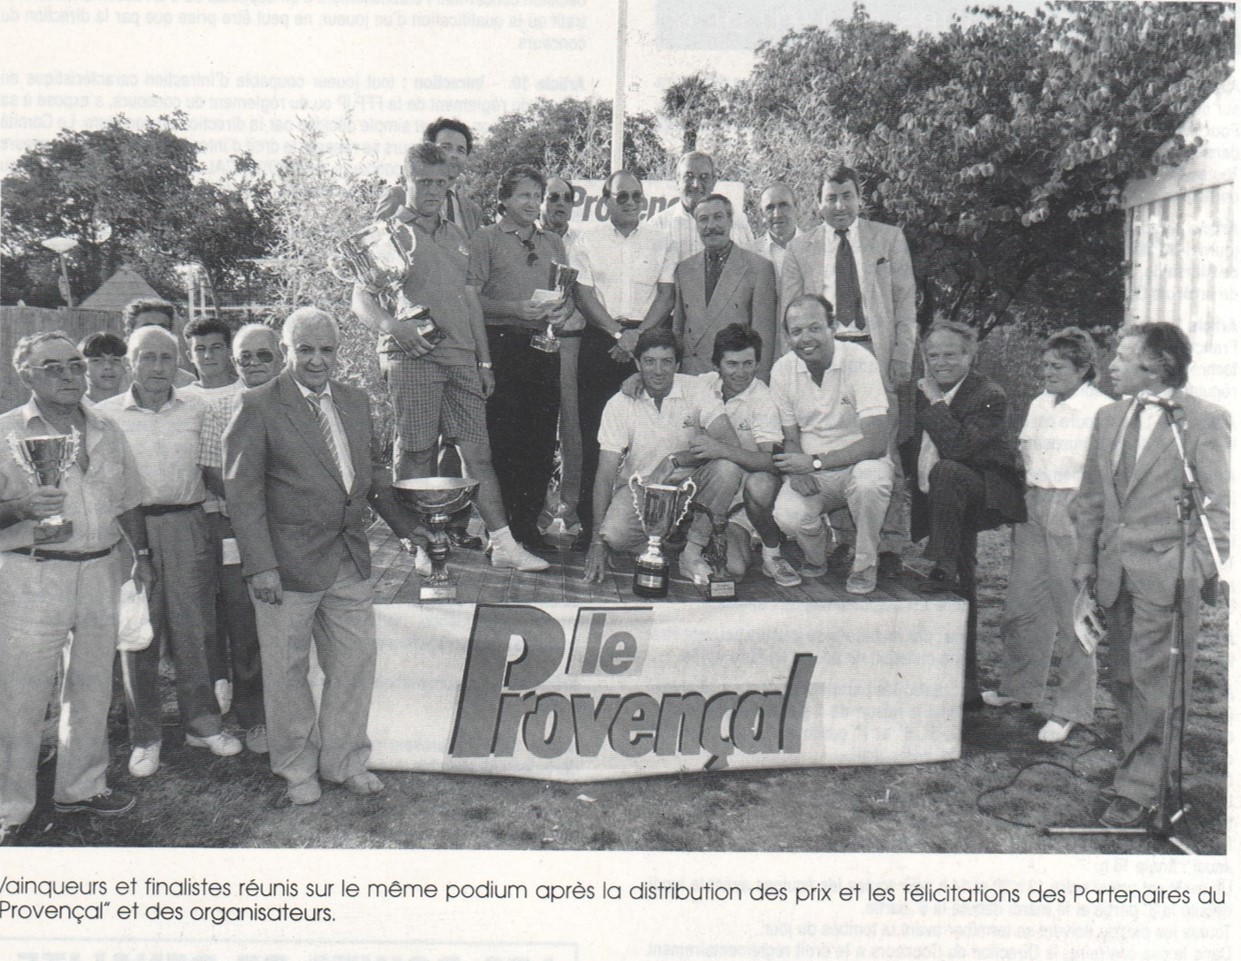 04-08-1989 - 81ème Provençal - Accroupis sur le podium, Francis Fauchier, Claude Gramondi et Alain Demichelis ;